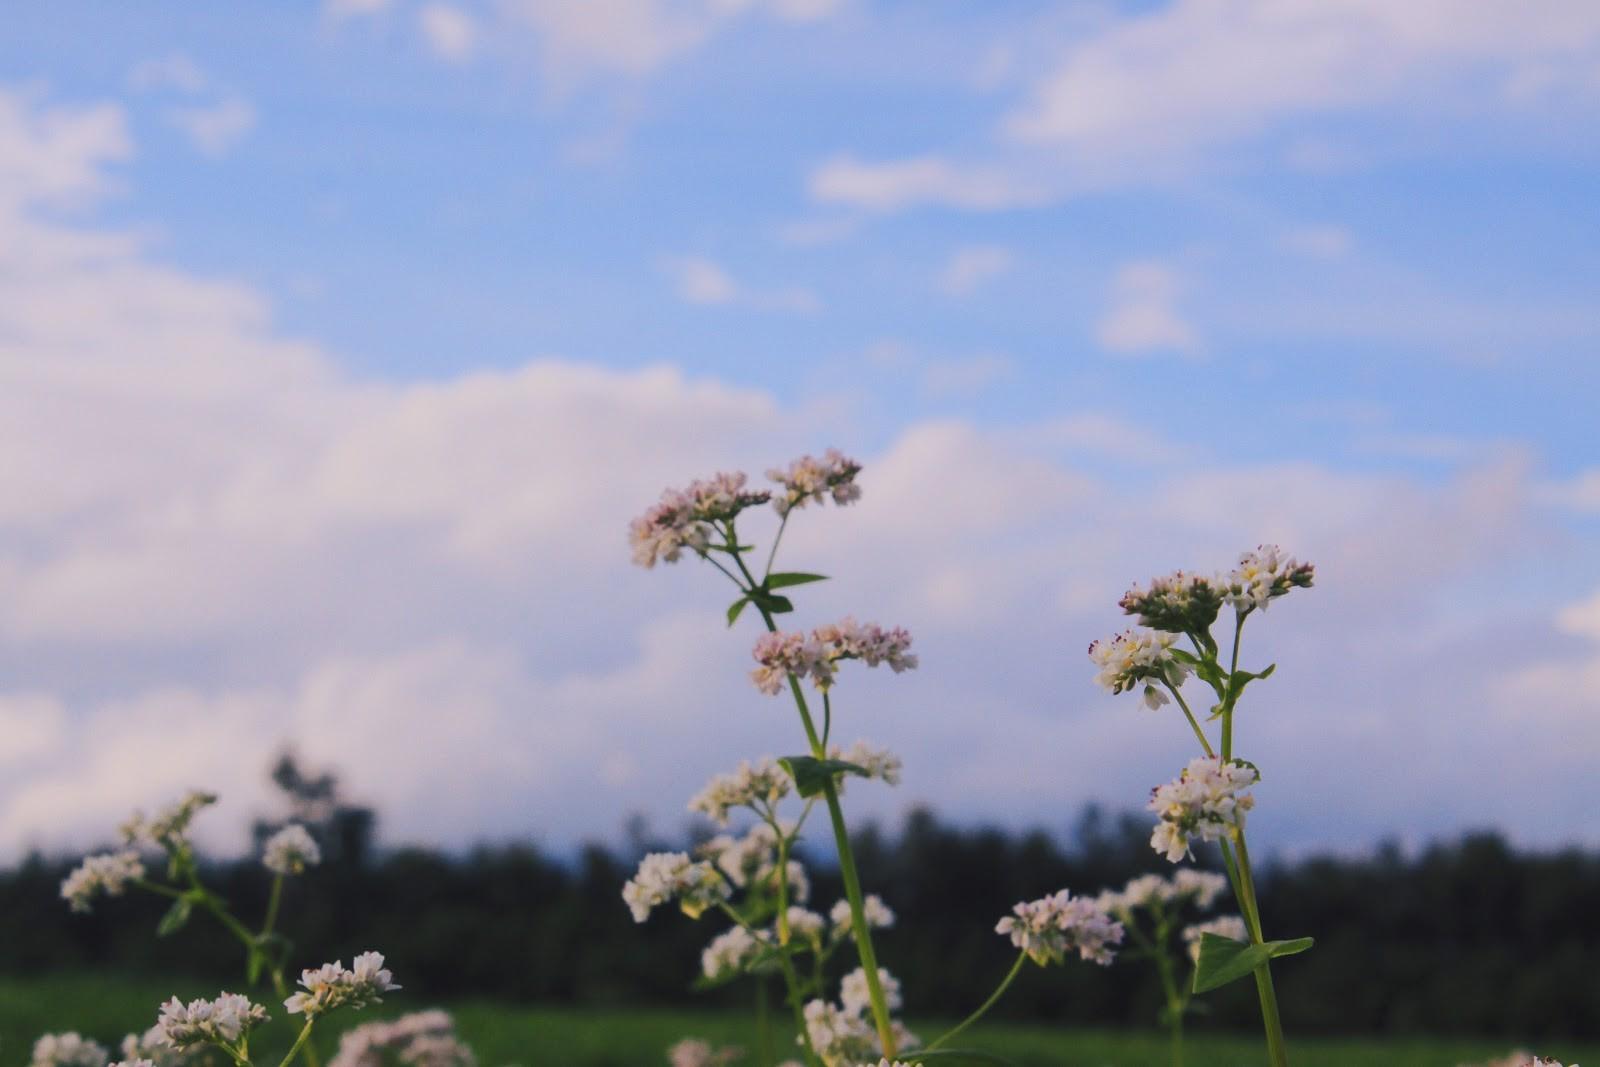 Loài hoa mong manh nhưng có sức hấp dẫn kỳ lạ